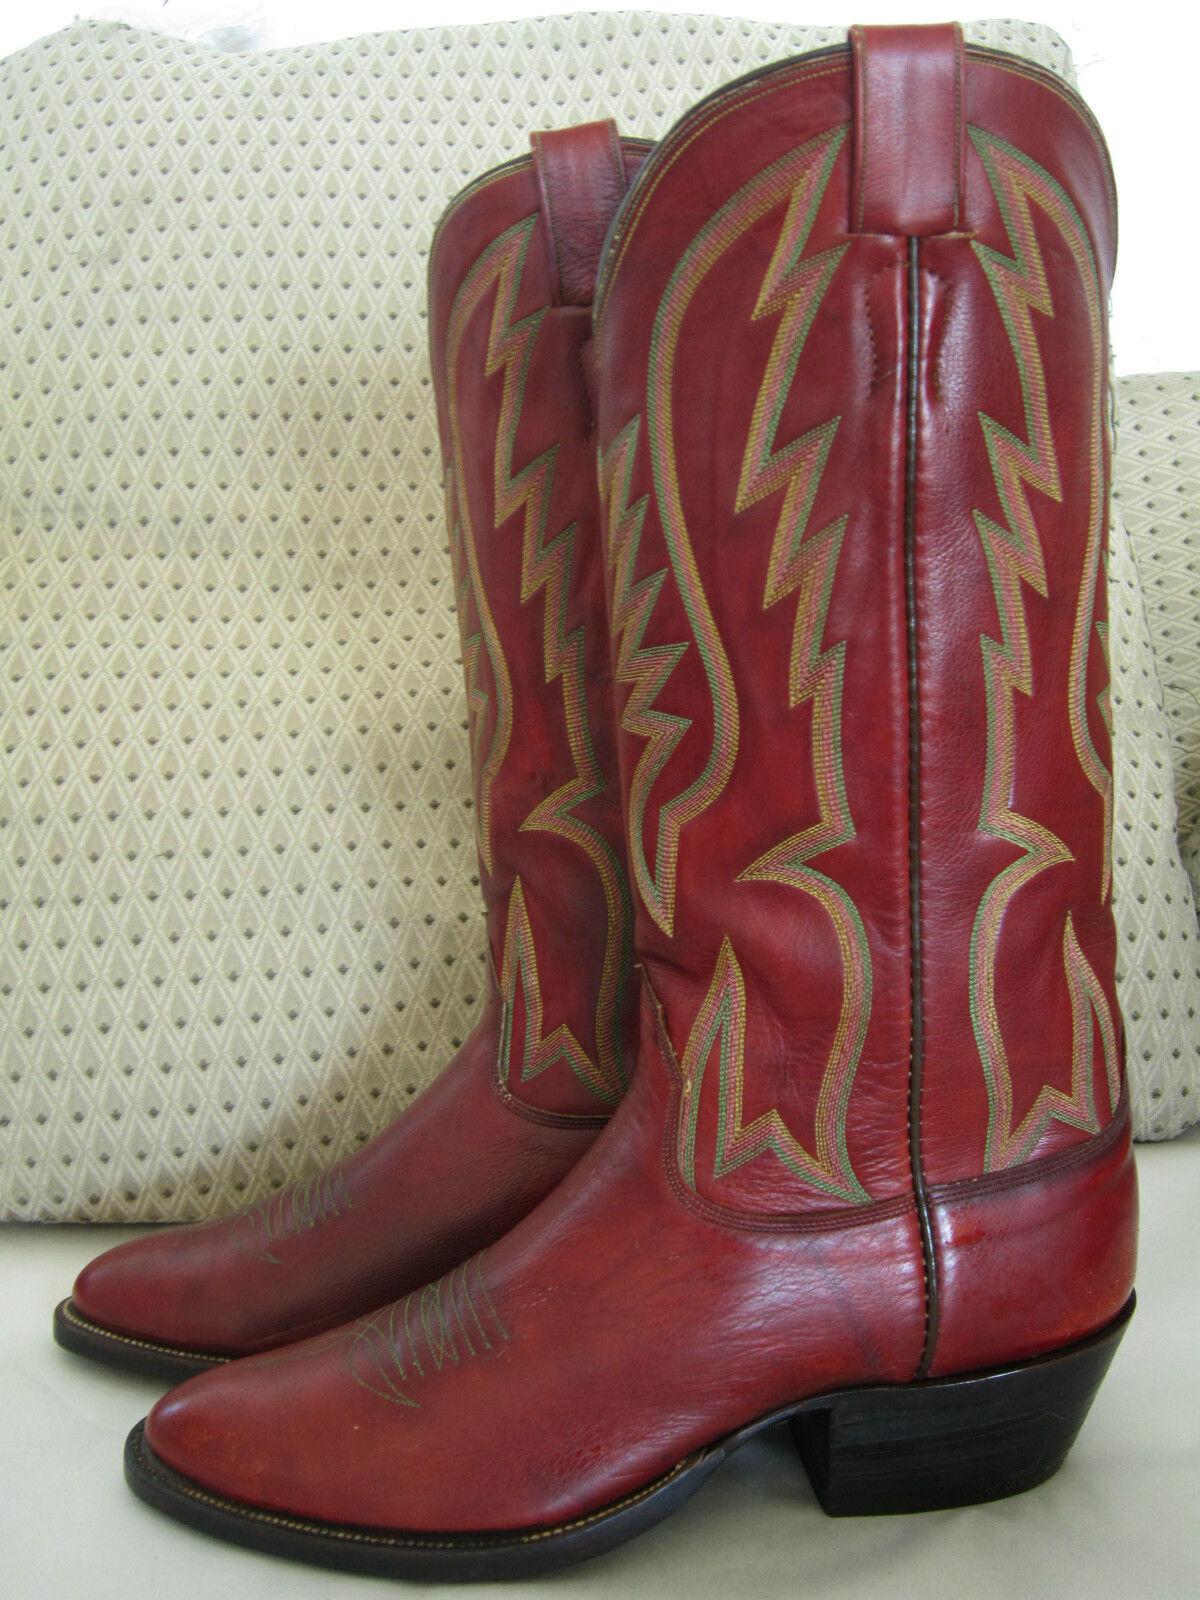 Rare Vintage OLSEN-STELZER Cowboy Stiefel ROT - Saddle ROT Stiefel color    sz 9 plus/minus 72b94d